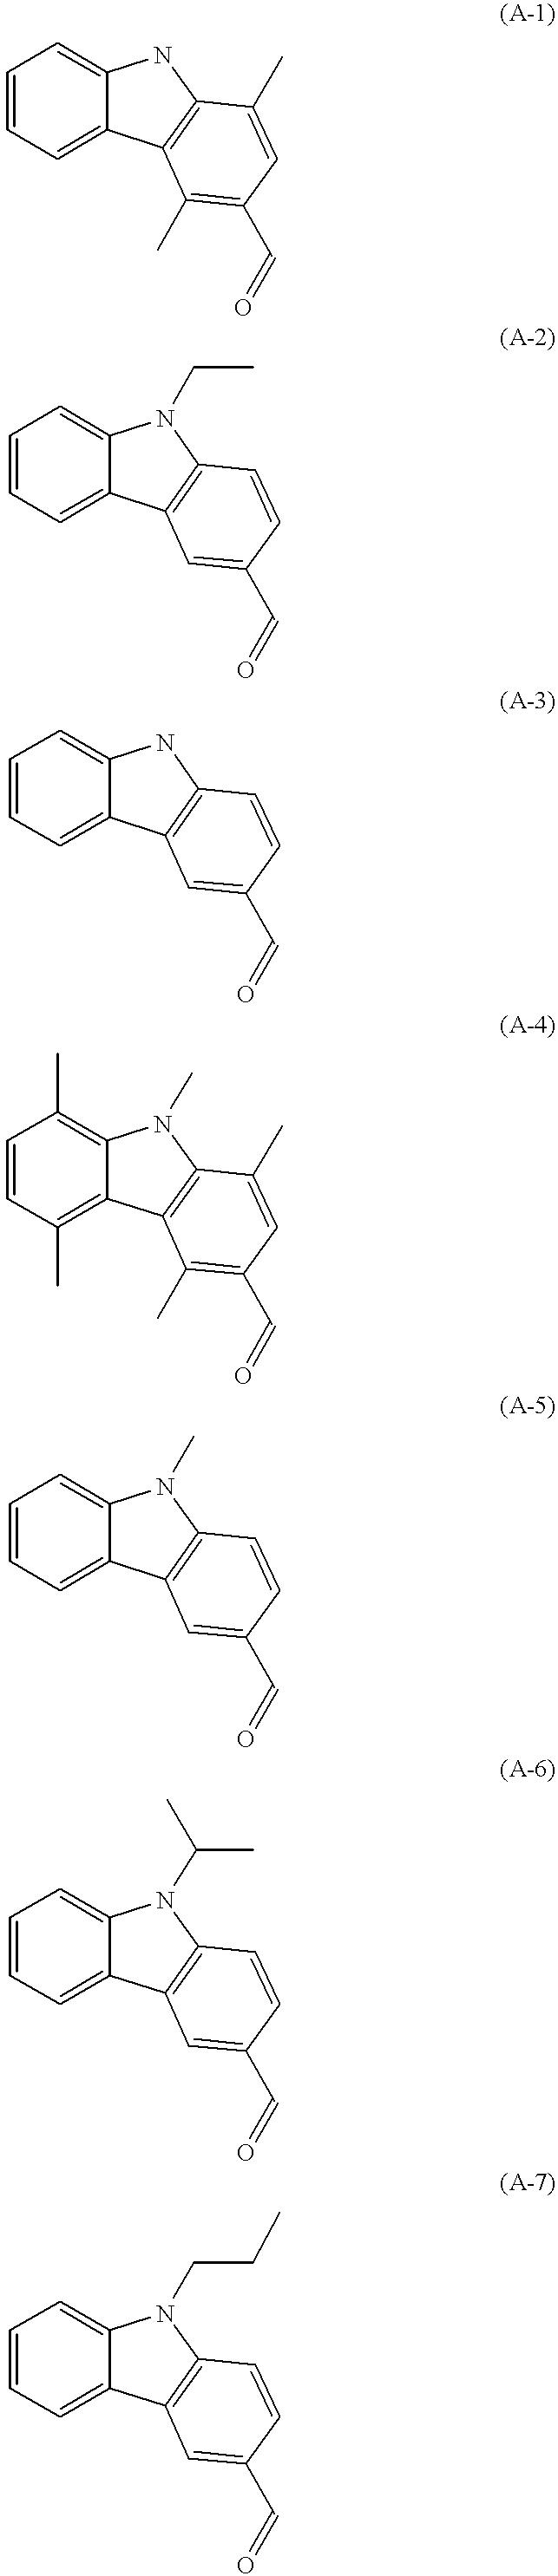 Figure US06514981-20030204-C00014